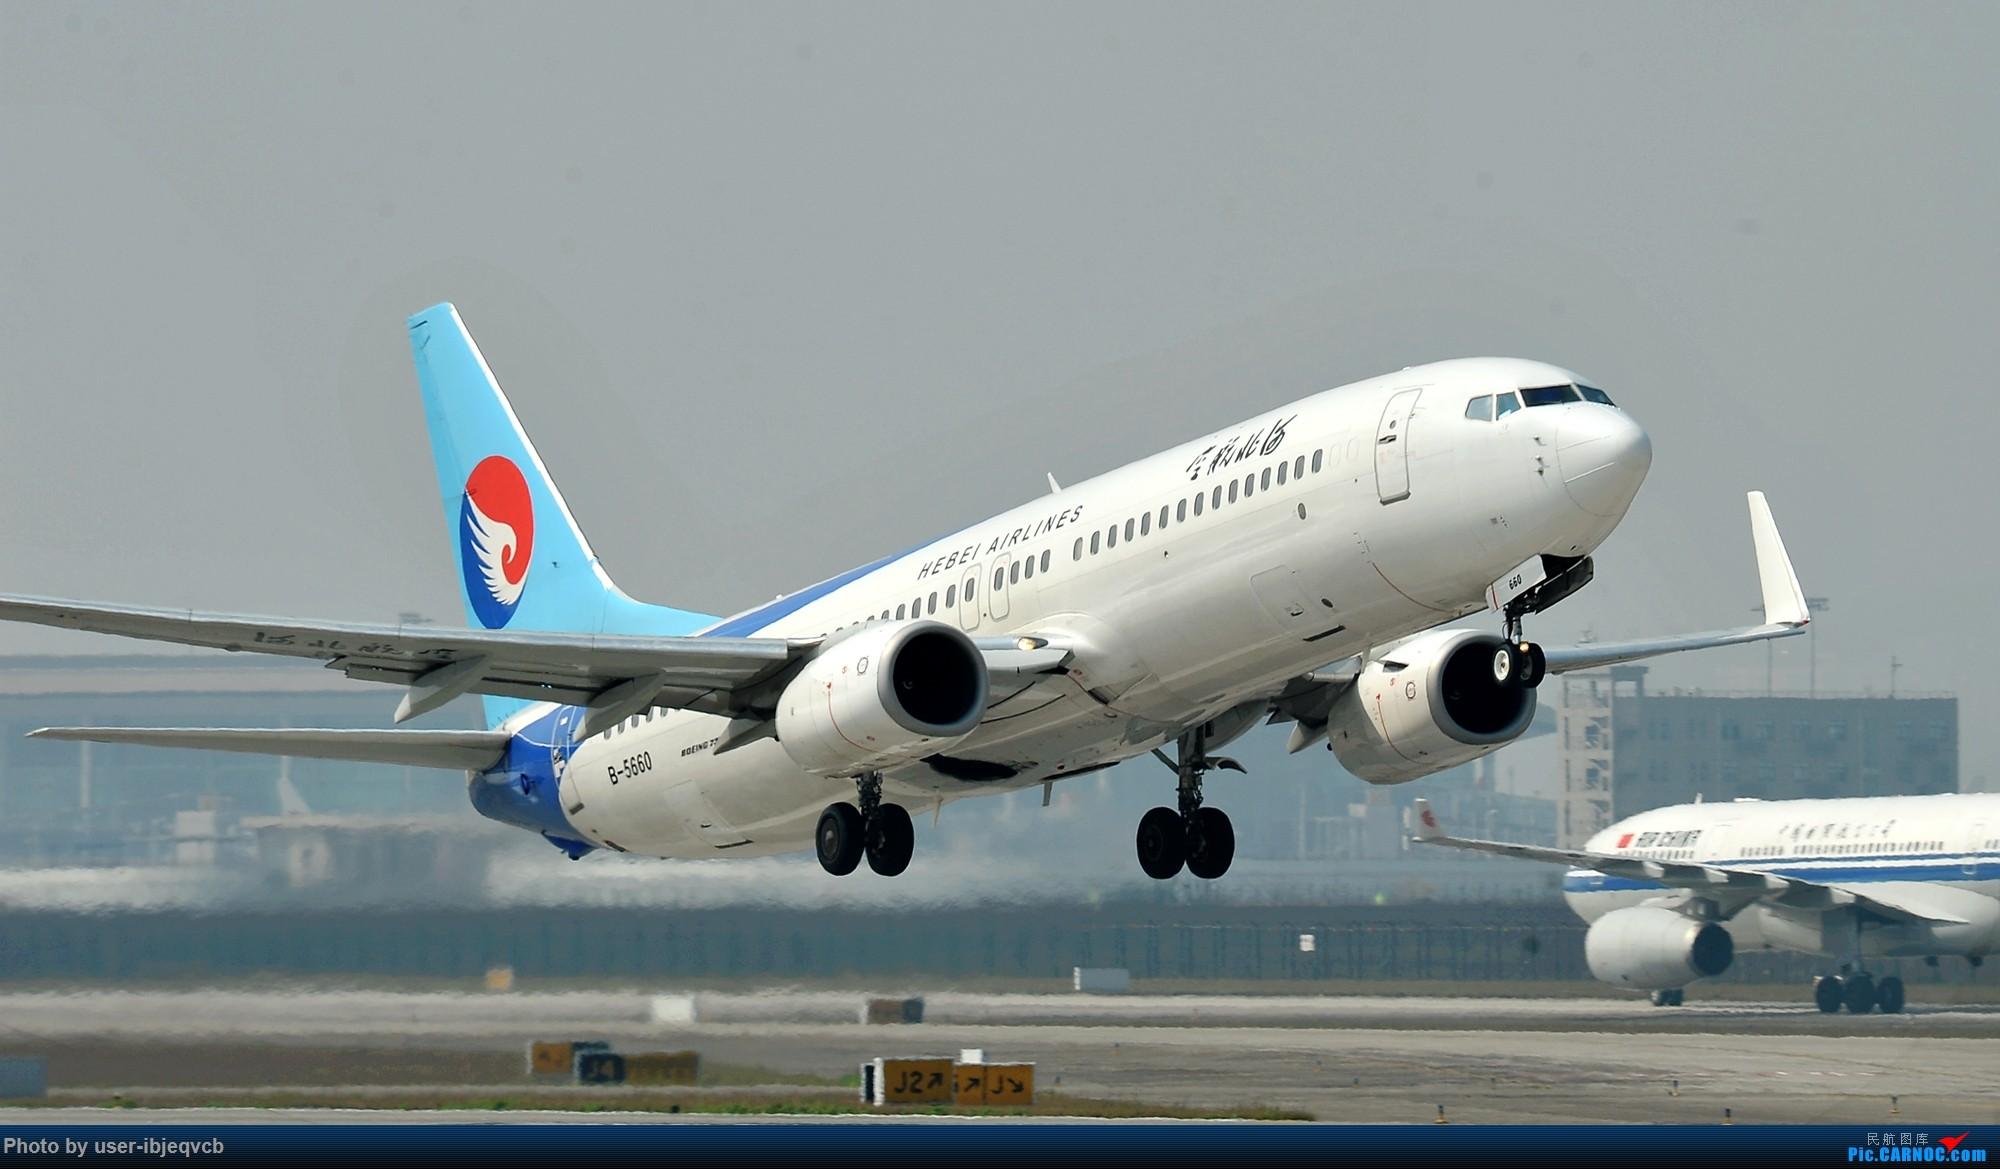 [原创]今天终于加入组织了,初来乍到,请多包涵 BOEING 737-800 B-5660 重庆江北国际机场